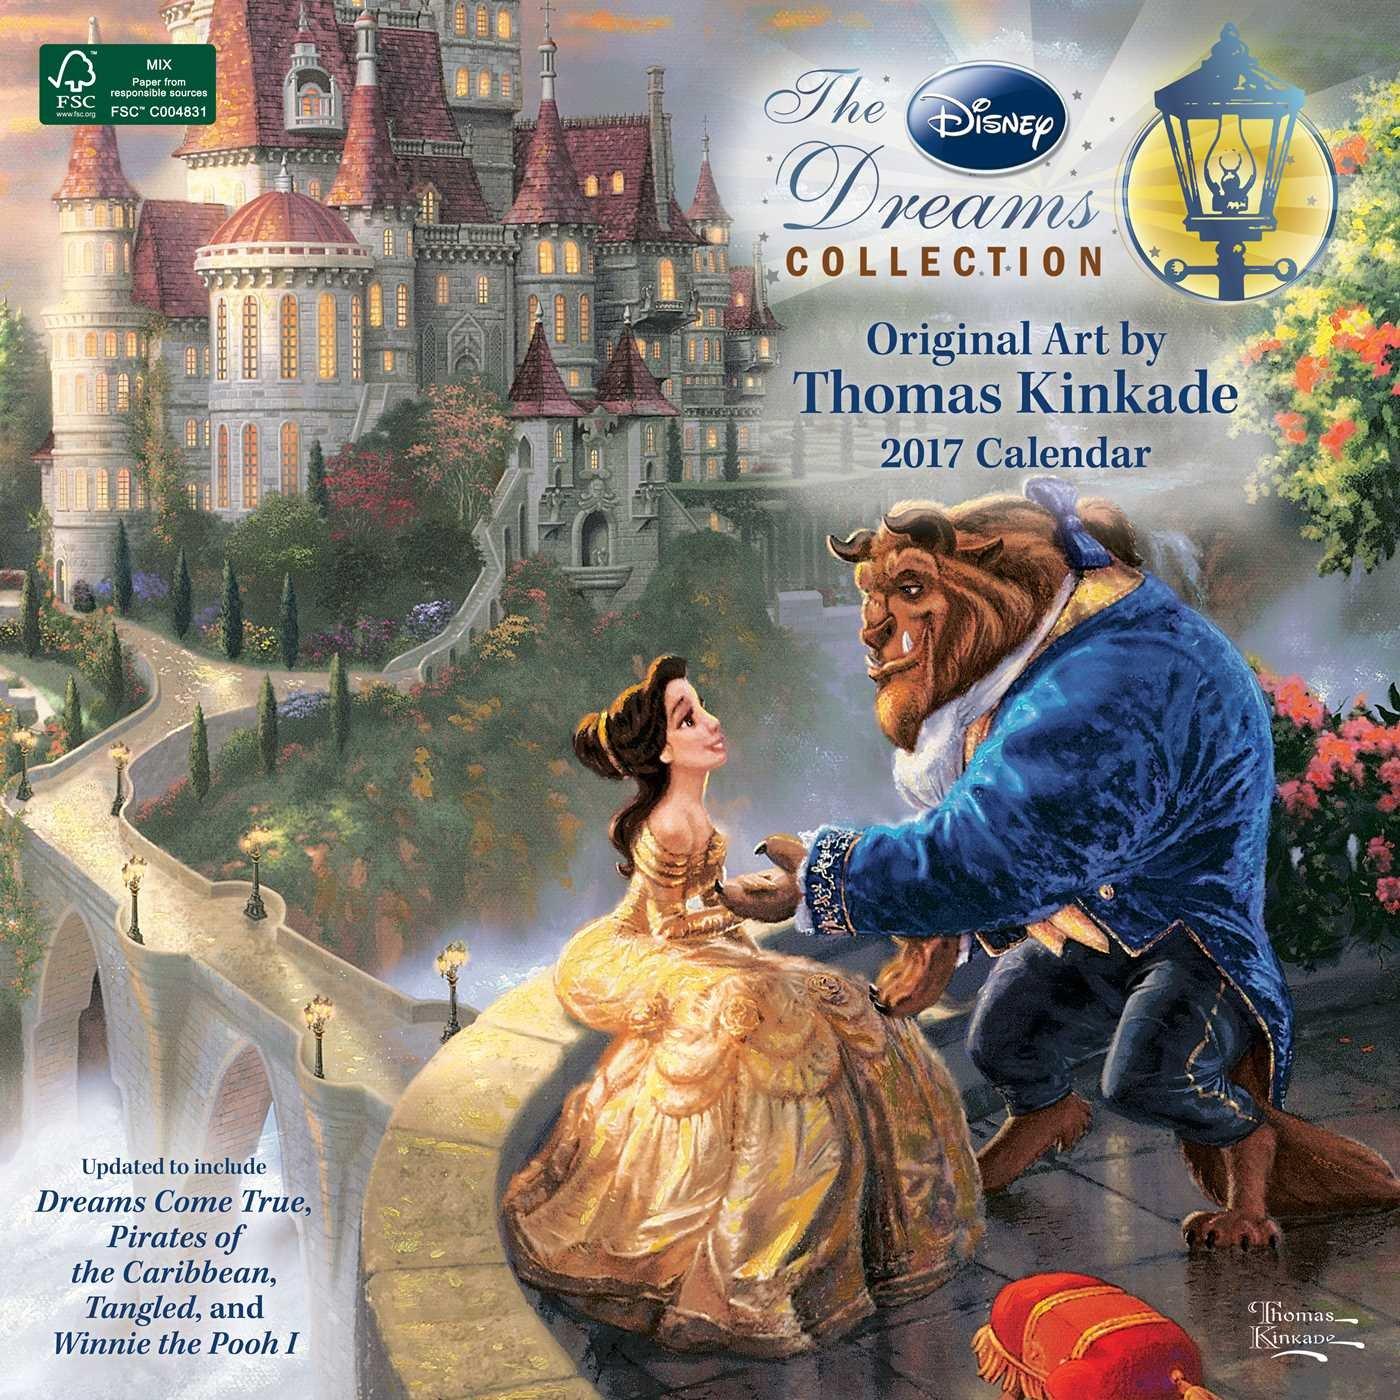 Disney Dreams Collection 2017.